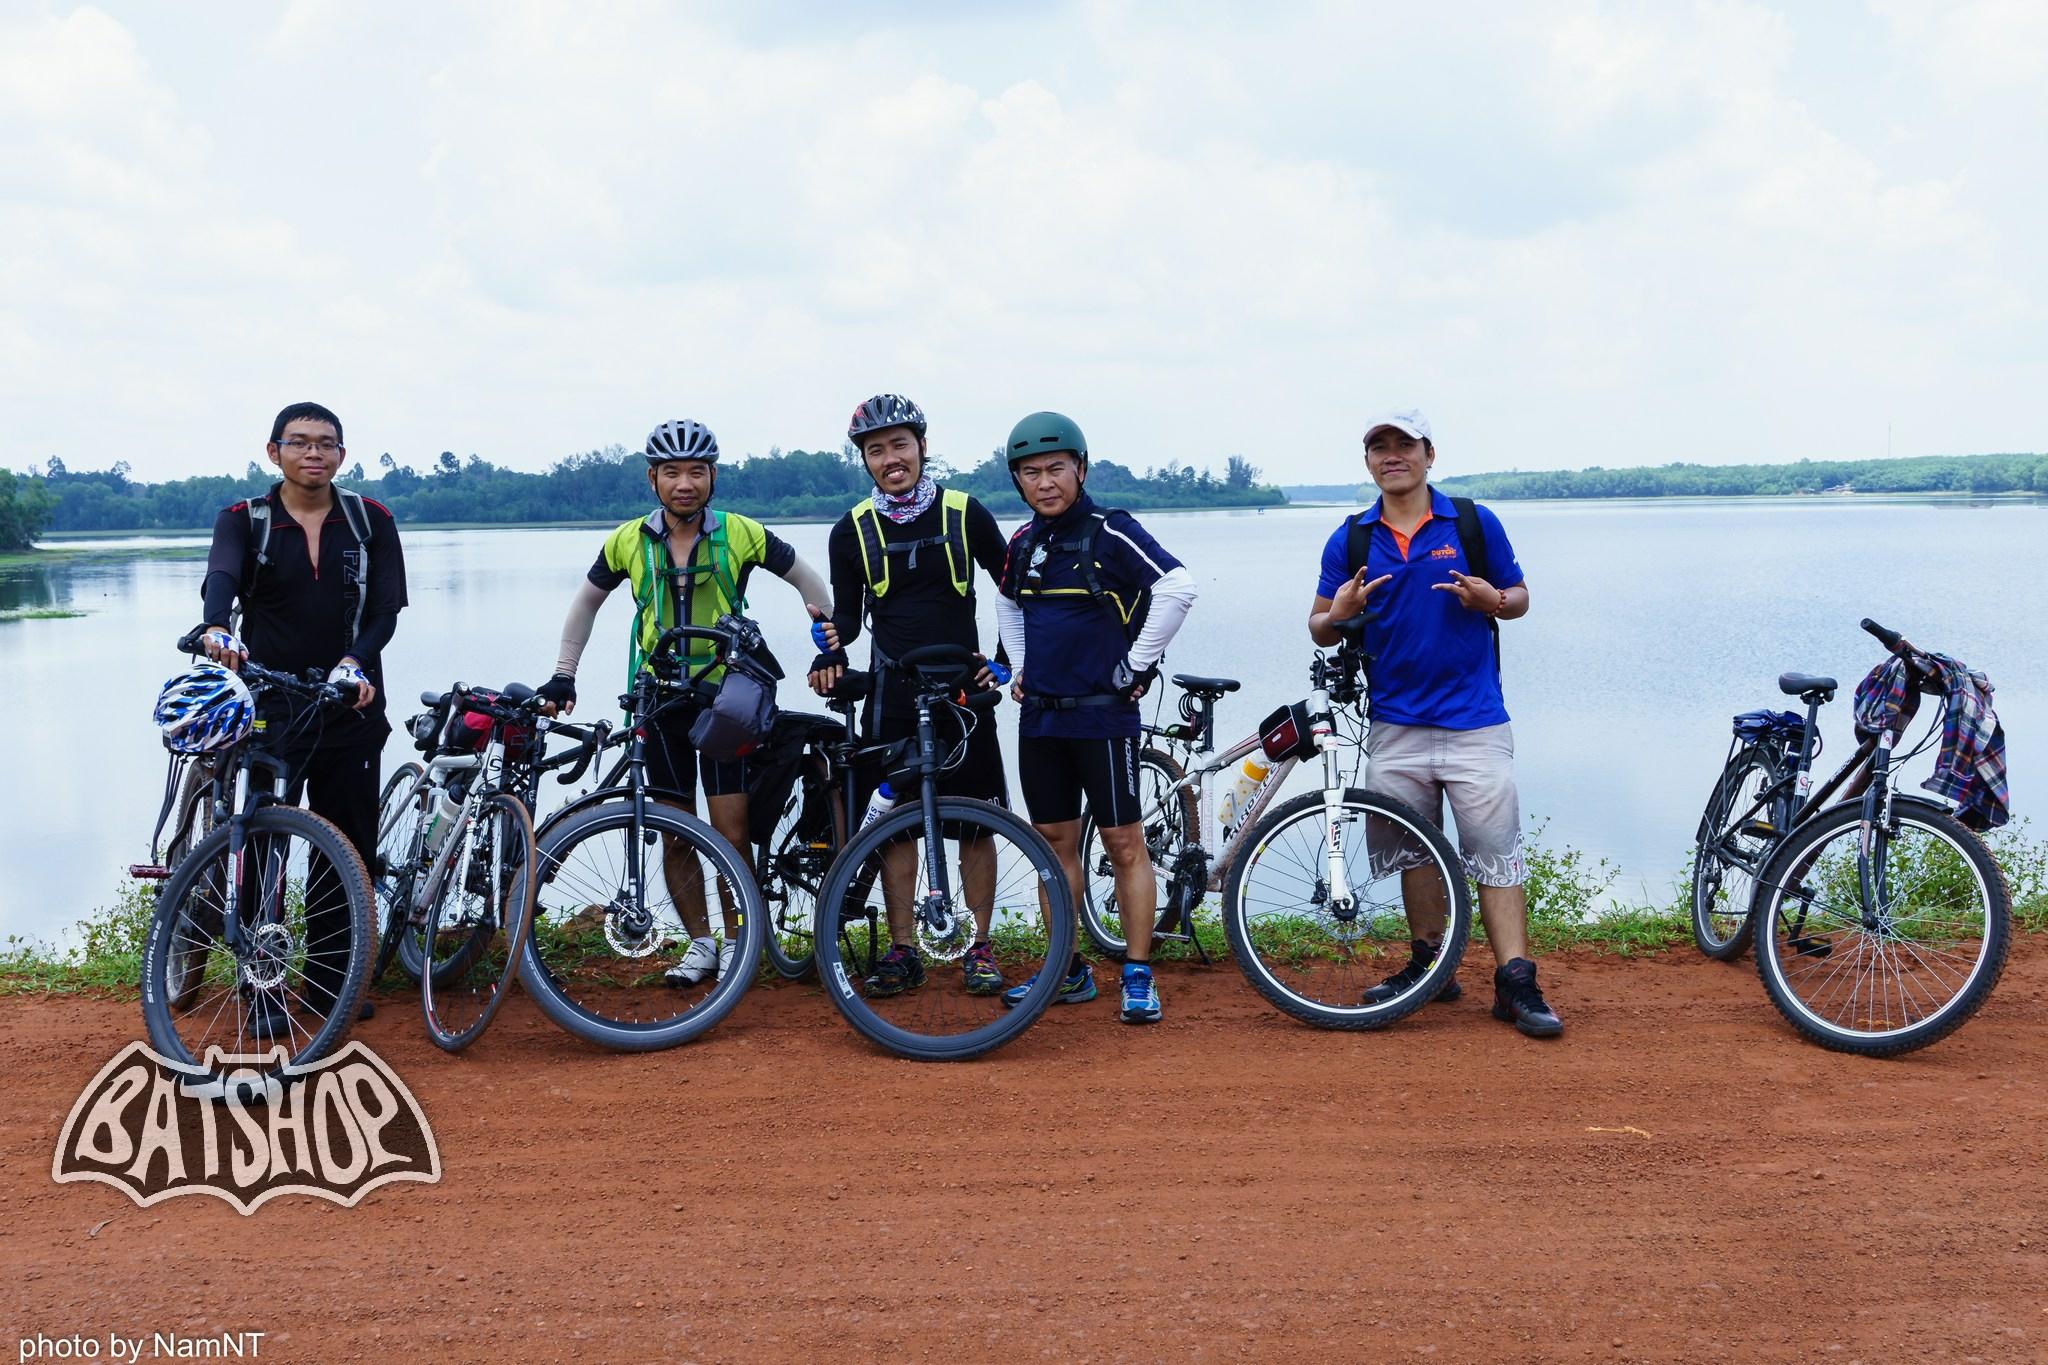 20638015702 daed7d087d k - Hồ Cần Nôm-Dầu Tiếng chuyến đạp xe, băng rừng, leo núi, tắm hồ, mần gà